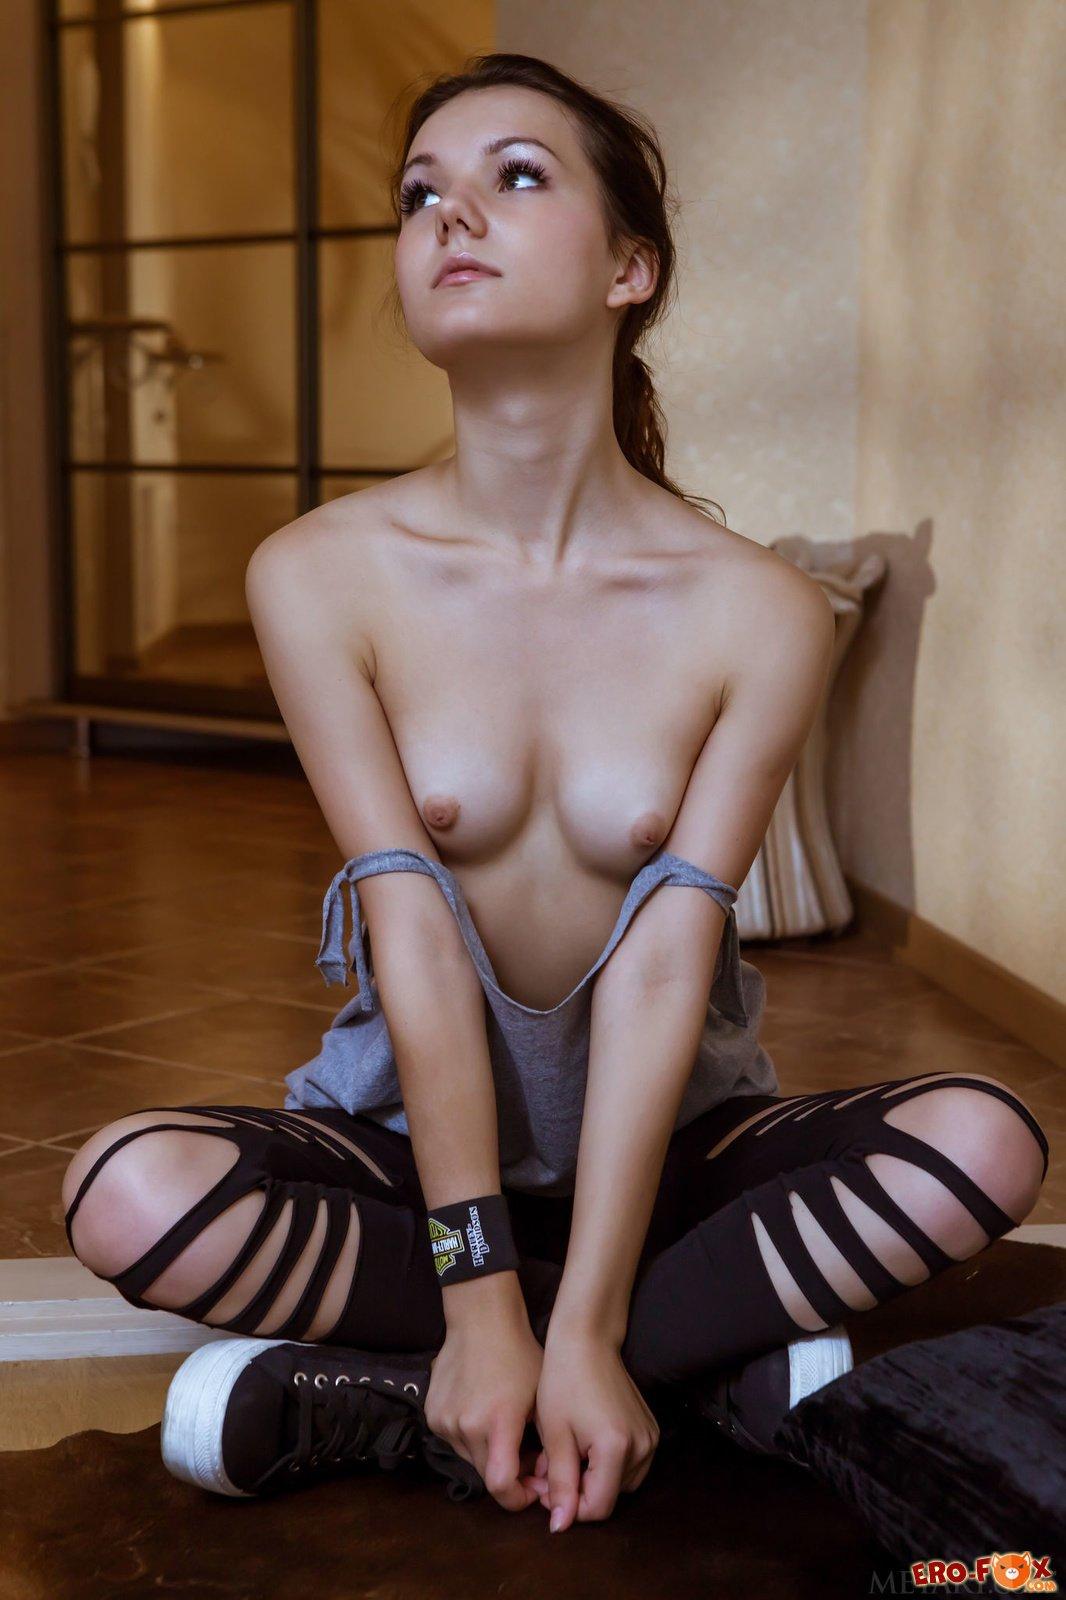 Худая голая девушка с плоской грудью